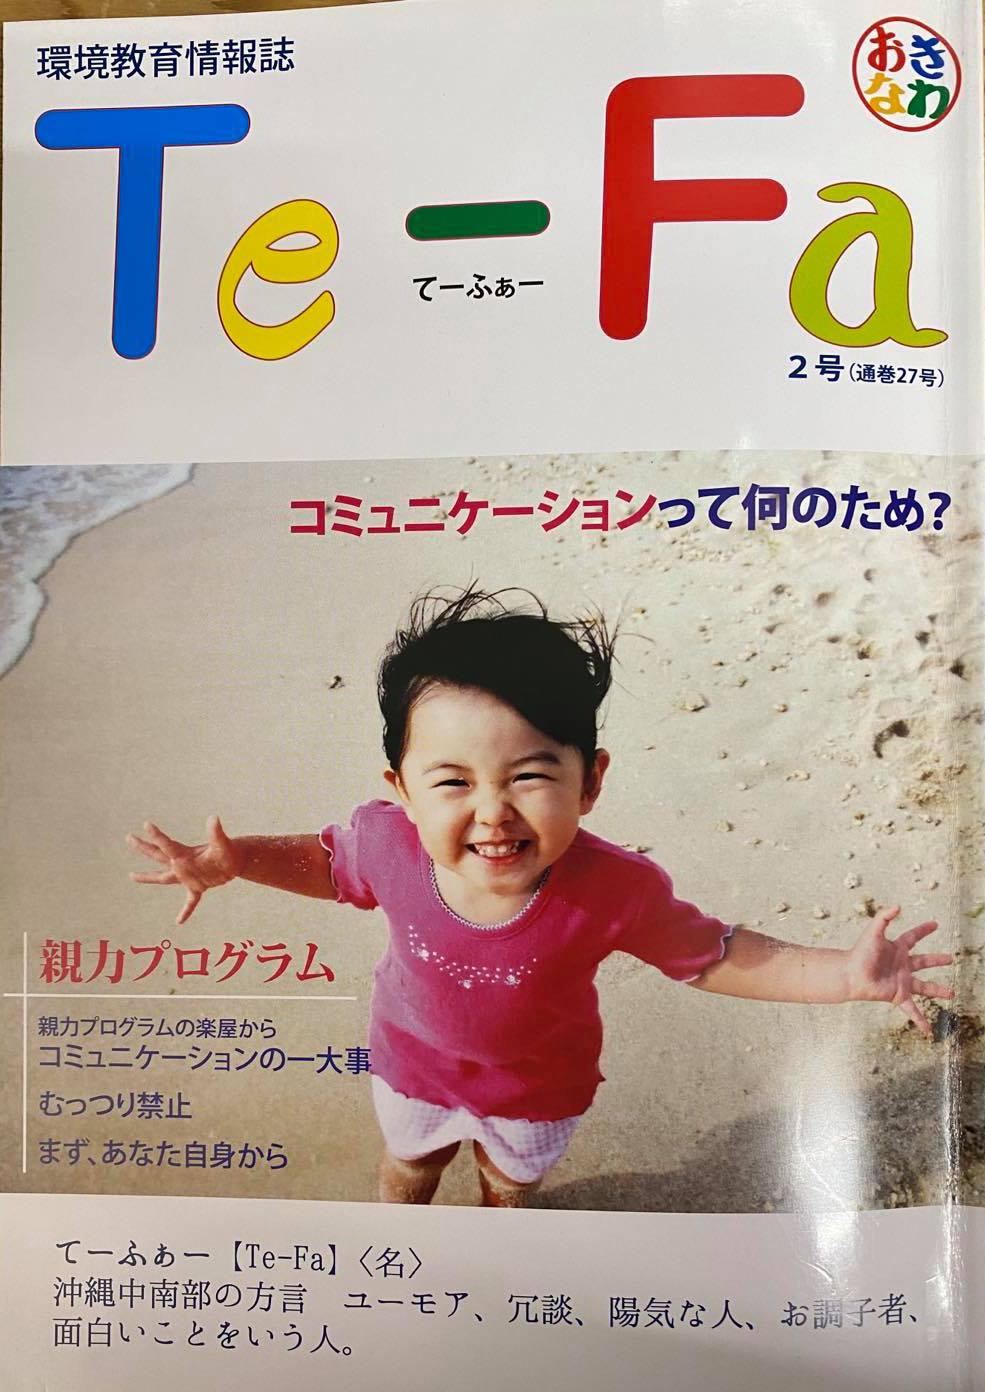 還元祭(^^♪ その④  Te-Fa2号の一部を紹介するよ~~。